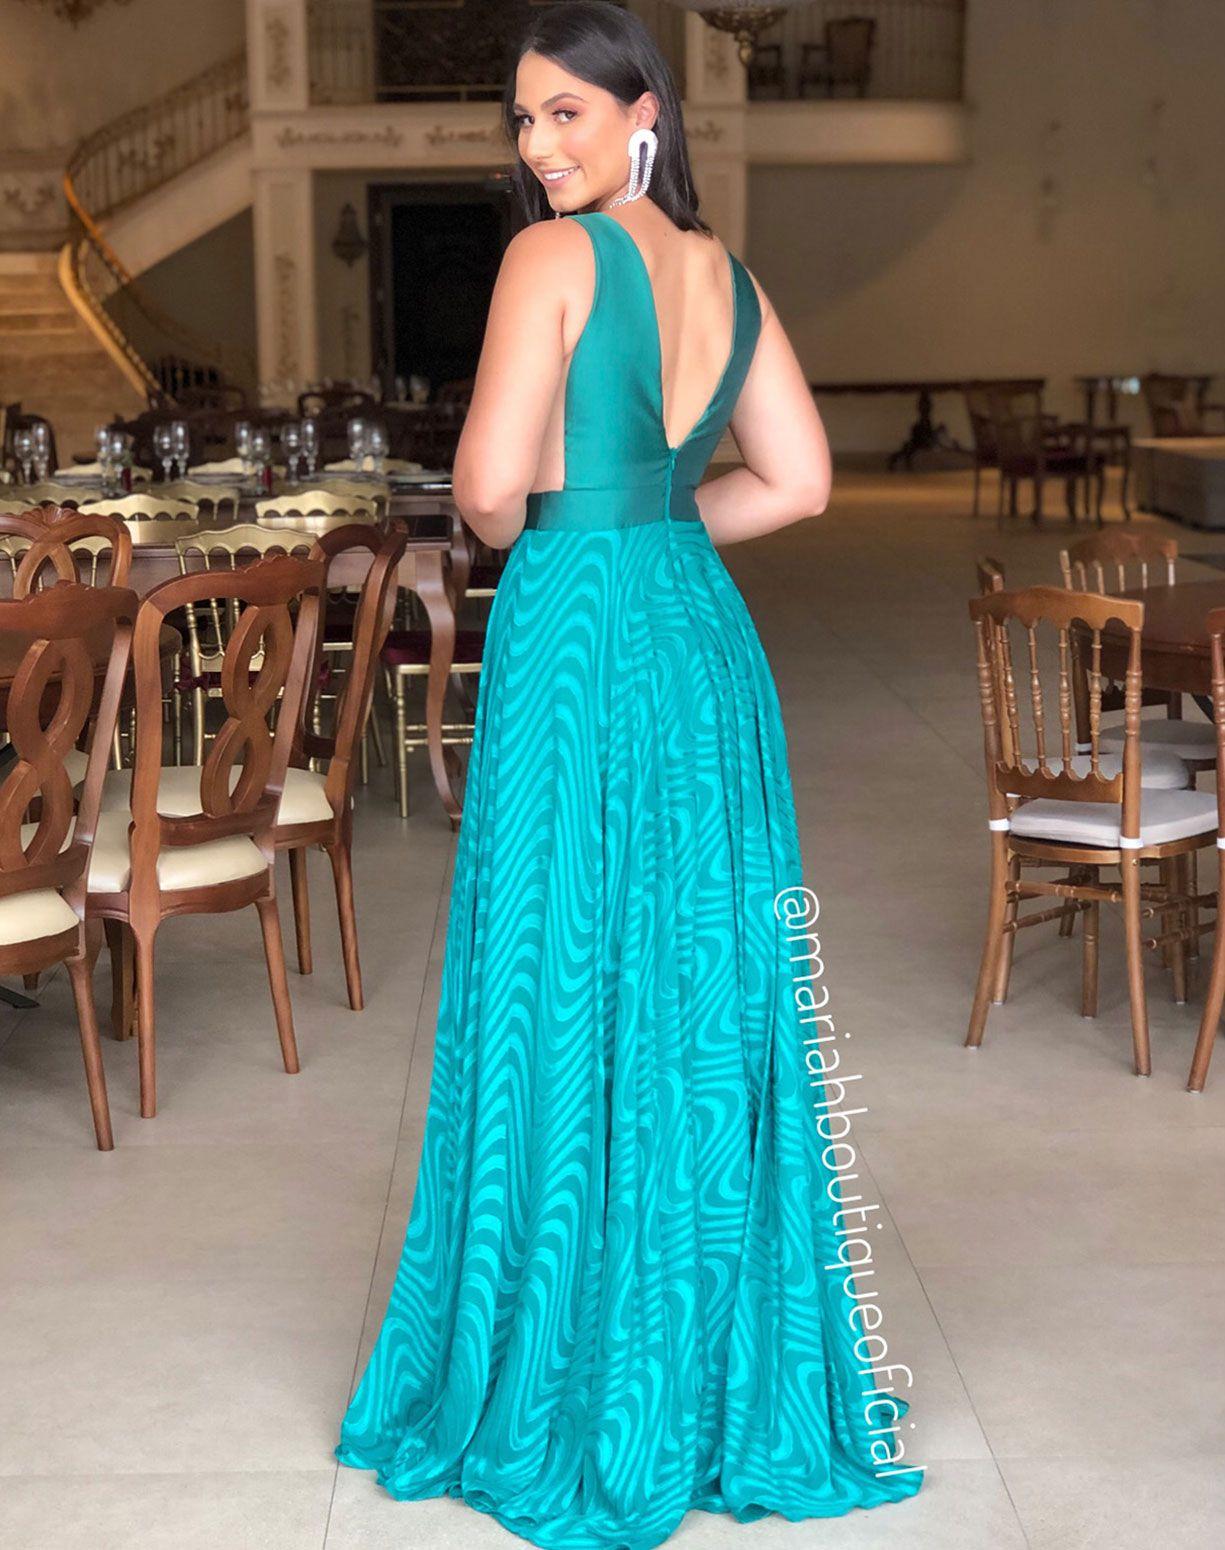 Vestido Verde Esmeralda com Saia Texturizada